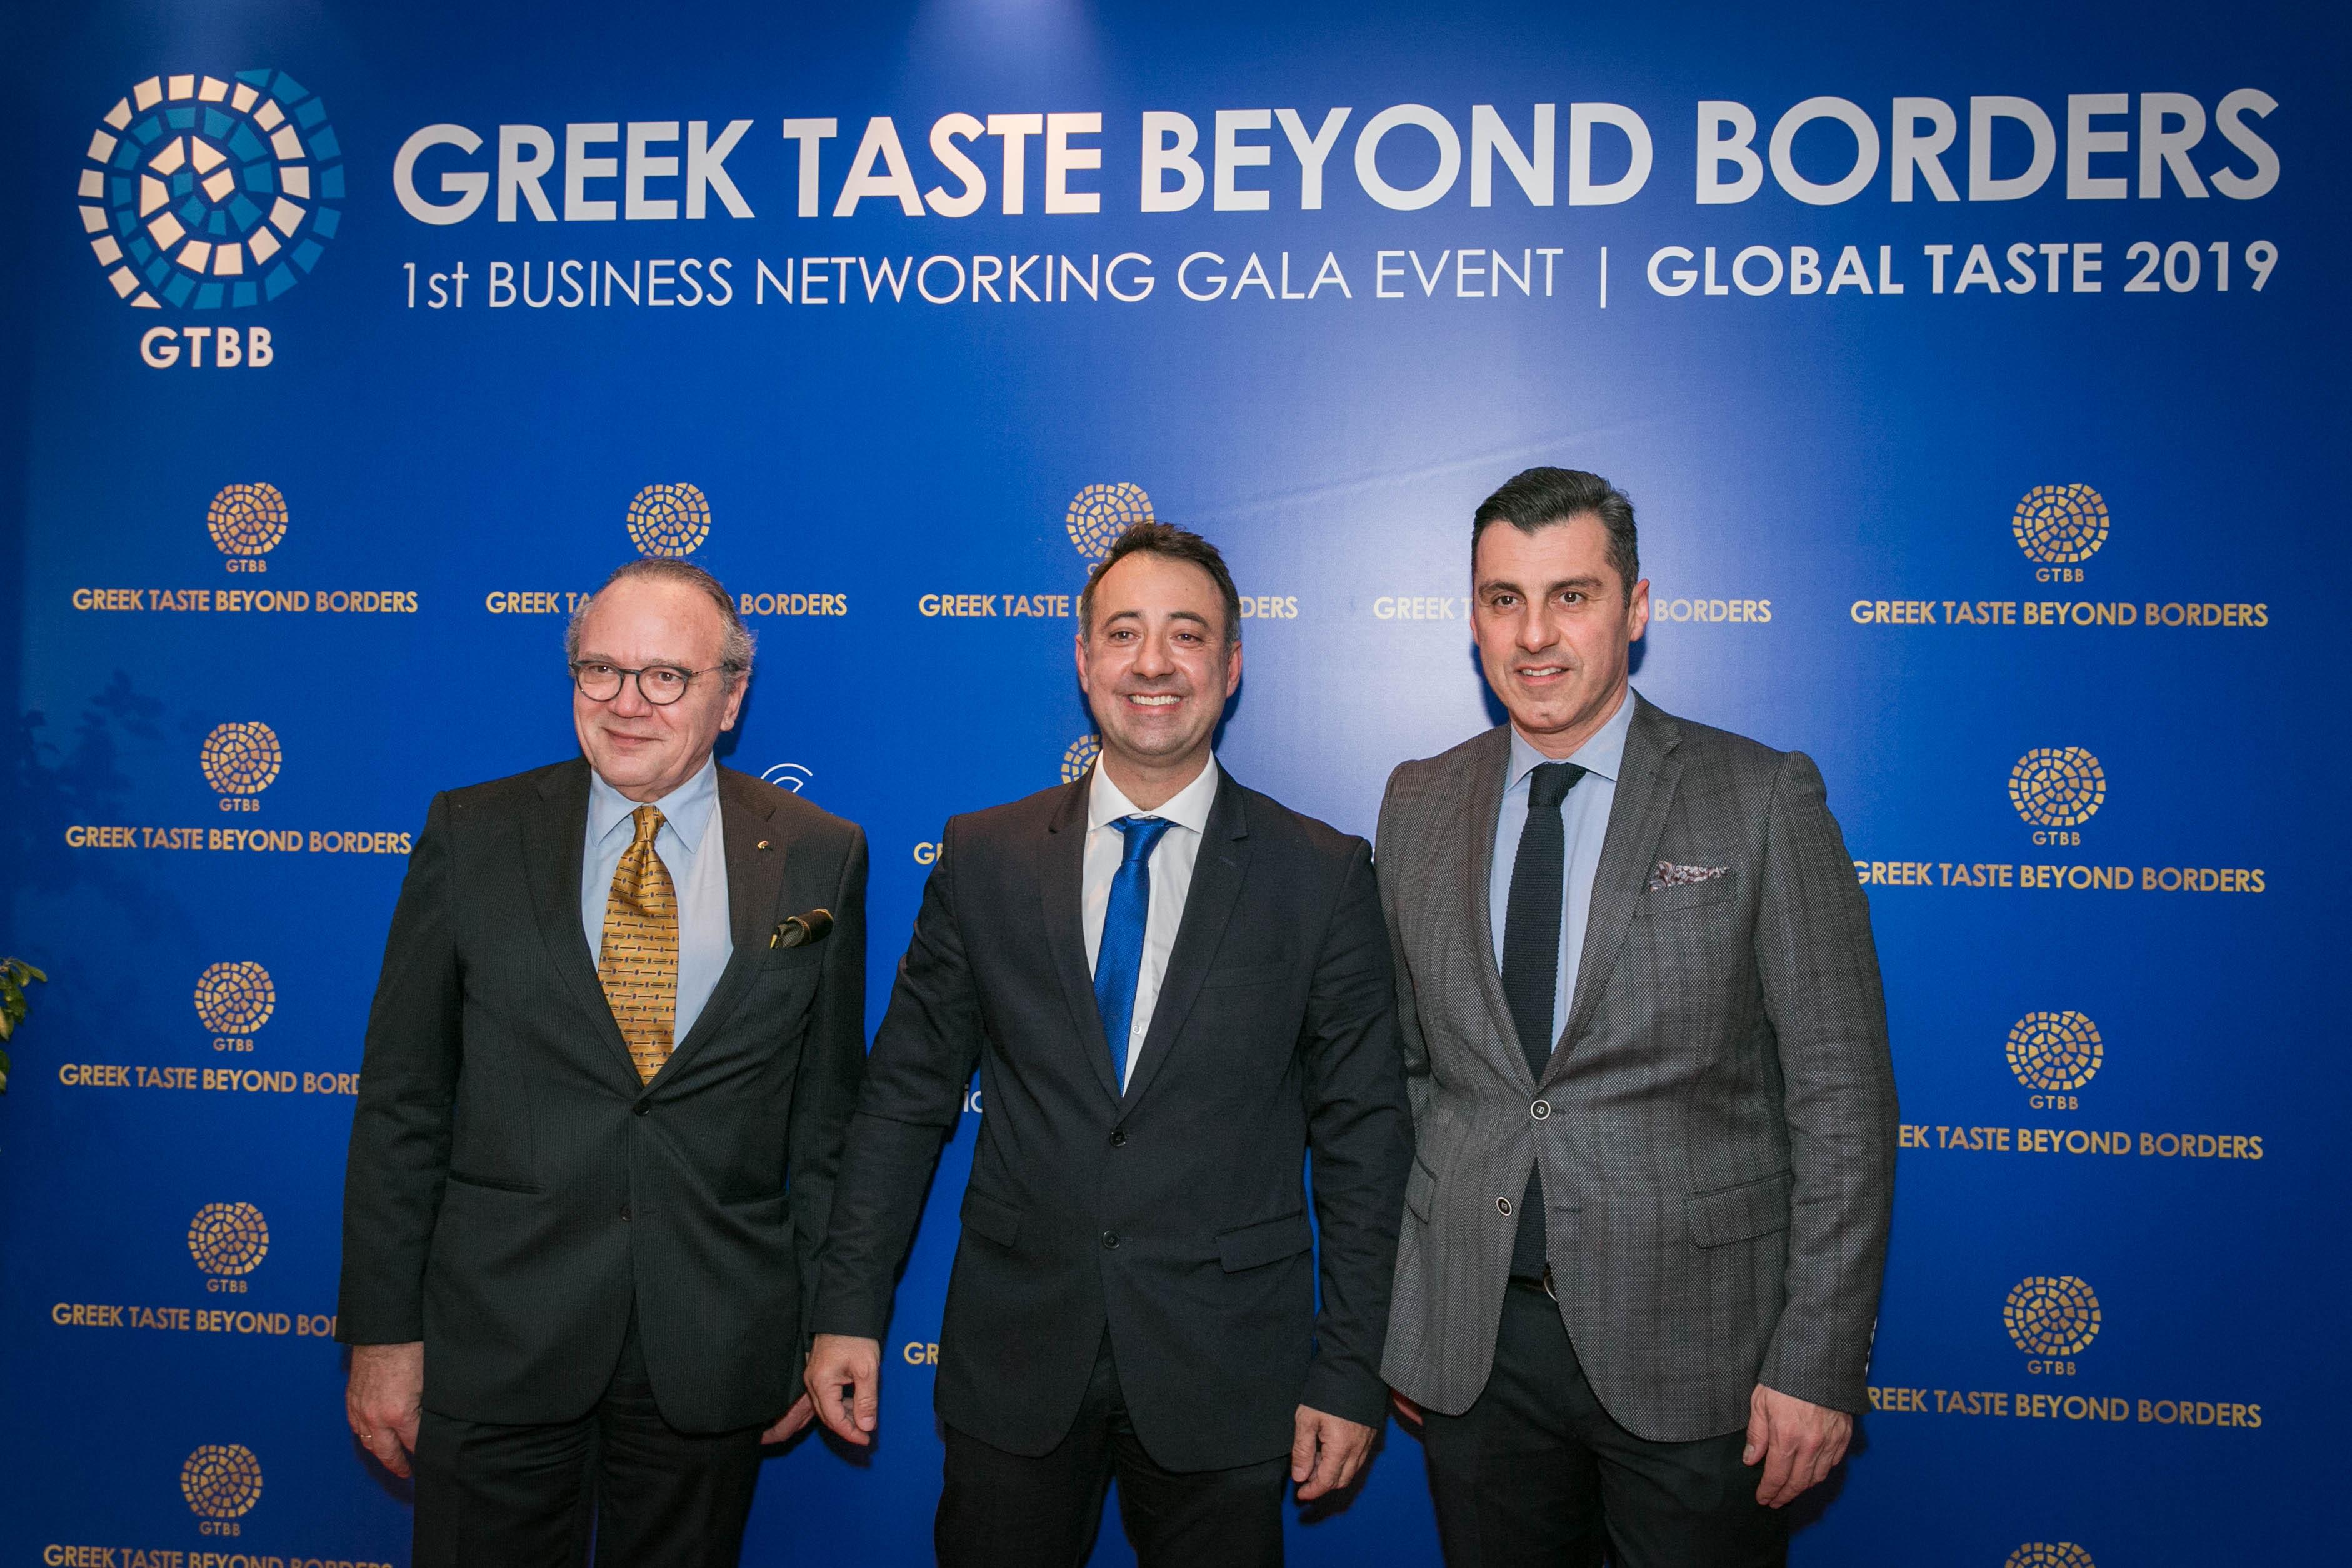 (Από αριστερά) Ο κ.Κωνσταντίνος Κατσιγιάννης, ο κ.Φίλιππος Κούτρας και ο κ.Ανέστης Ποδόγυρος (Π.Δ. Εταιρίας Κρι-Κρι).